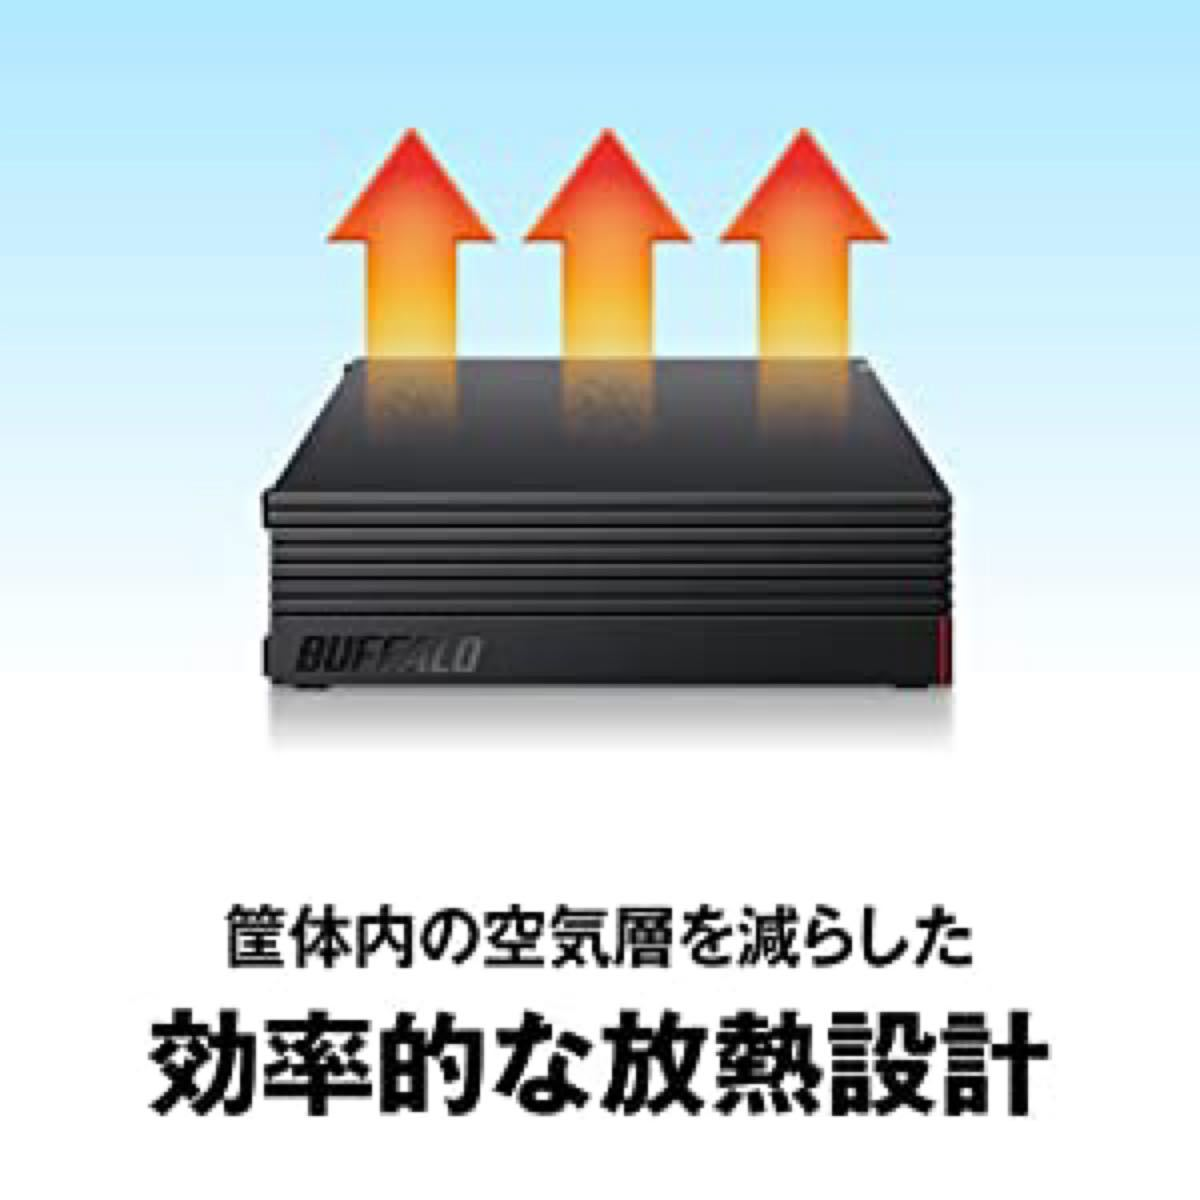 ■美品■【バッファロー 4TB 外付けHDD】テレビ録画&レコーダー録画/PS5/PC(Windows/macOS)対応 静音